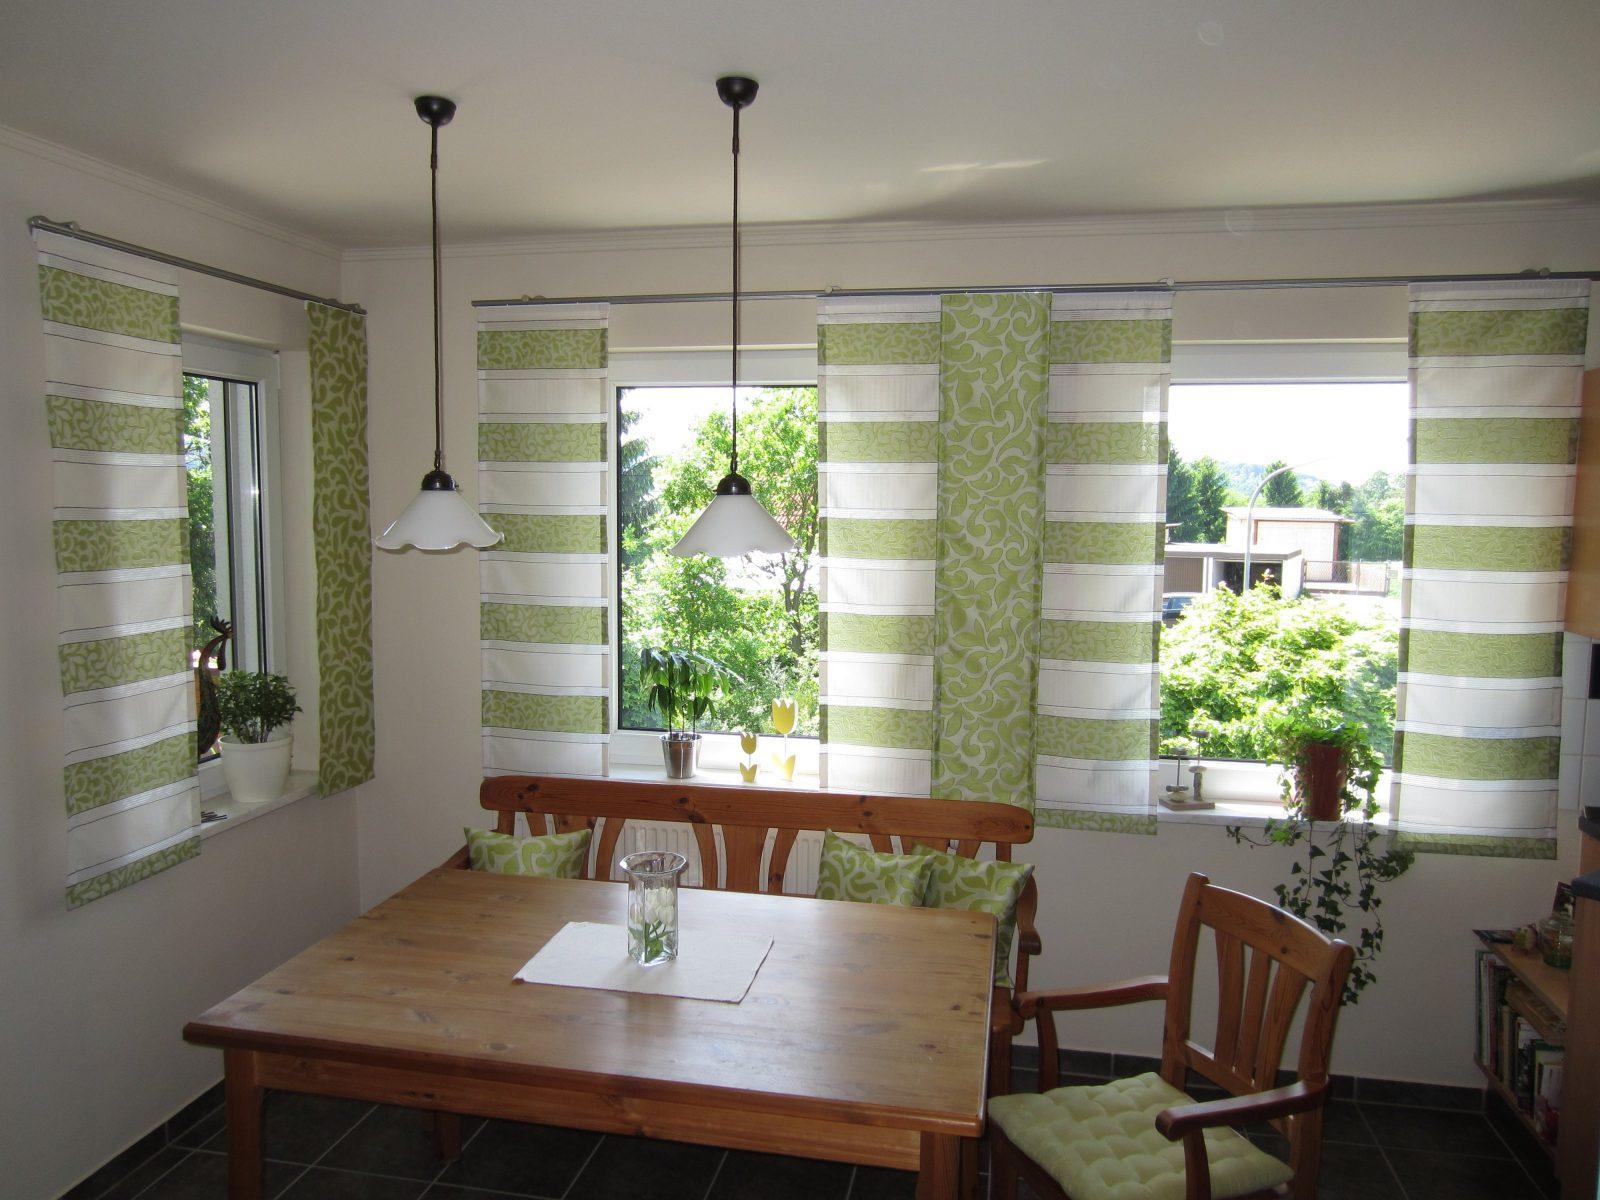 Hervorragend Küche Vorhänge Vorhaenge Kueche Inspirierend Moderne von Moderne Gardinen Für Küche Photo